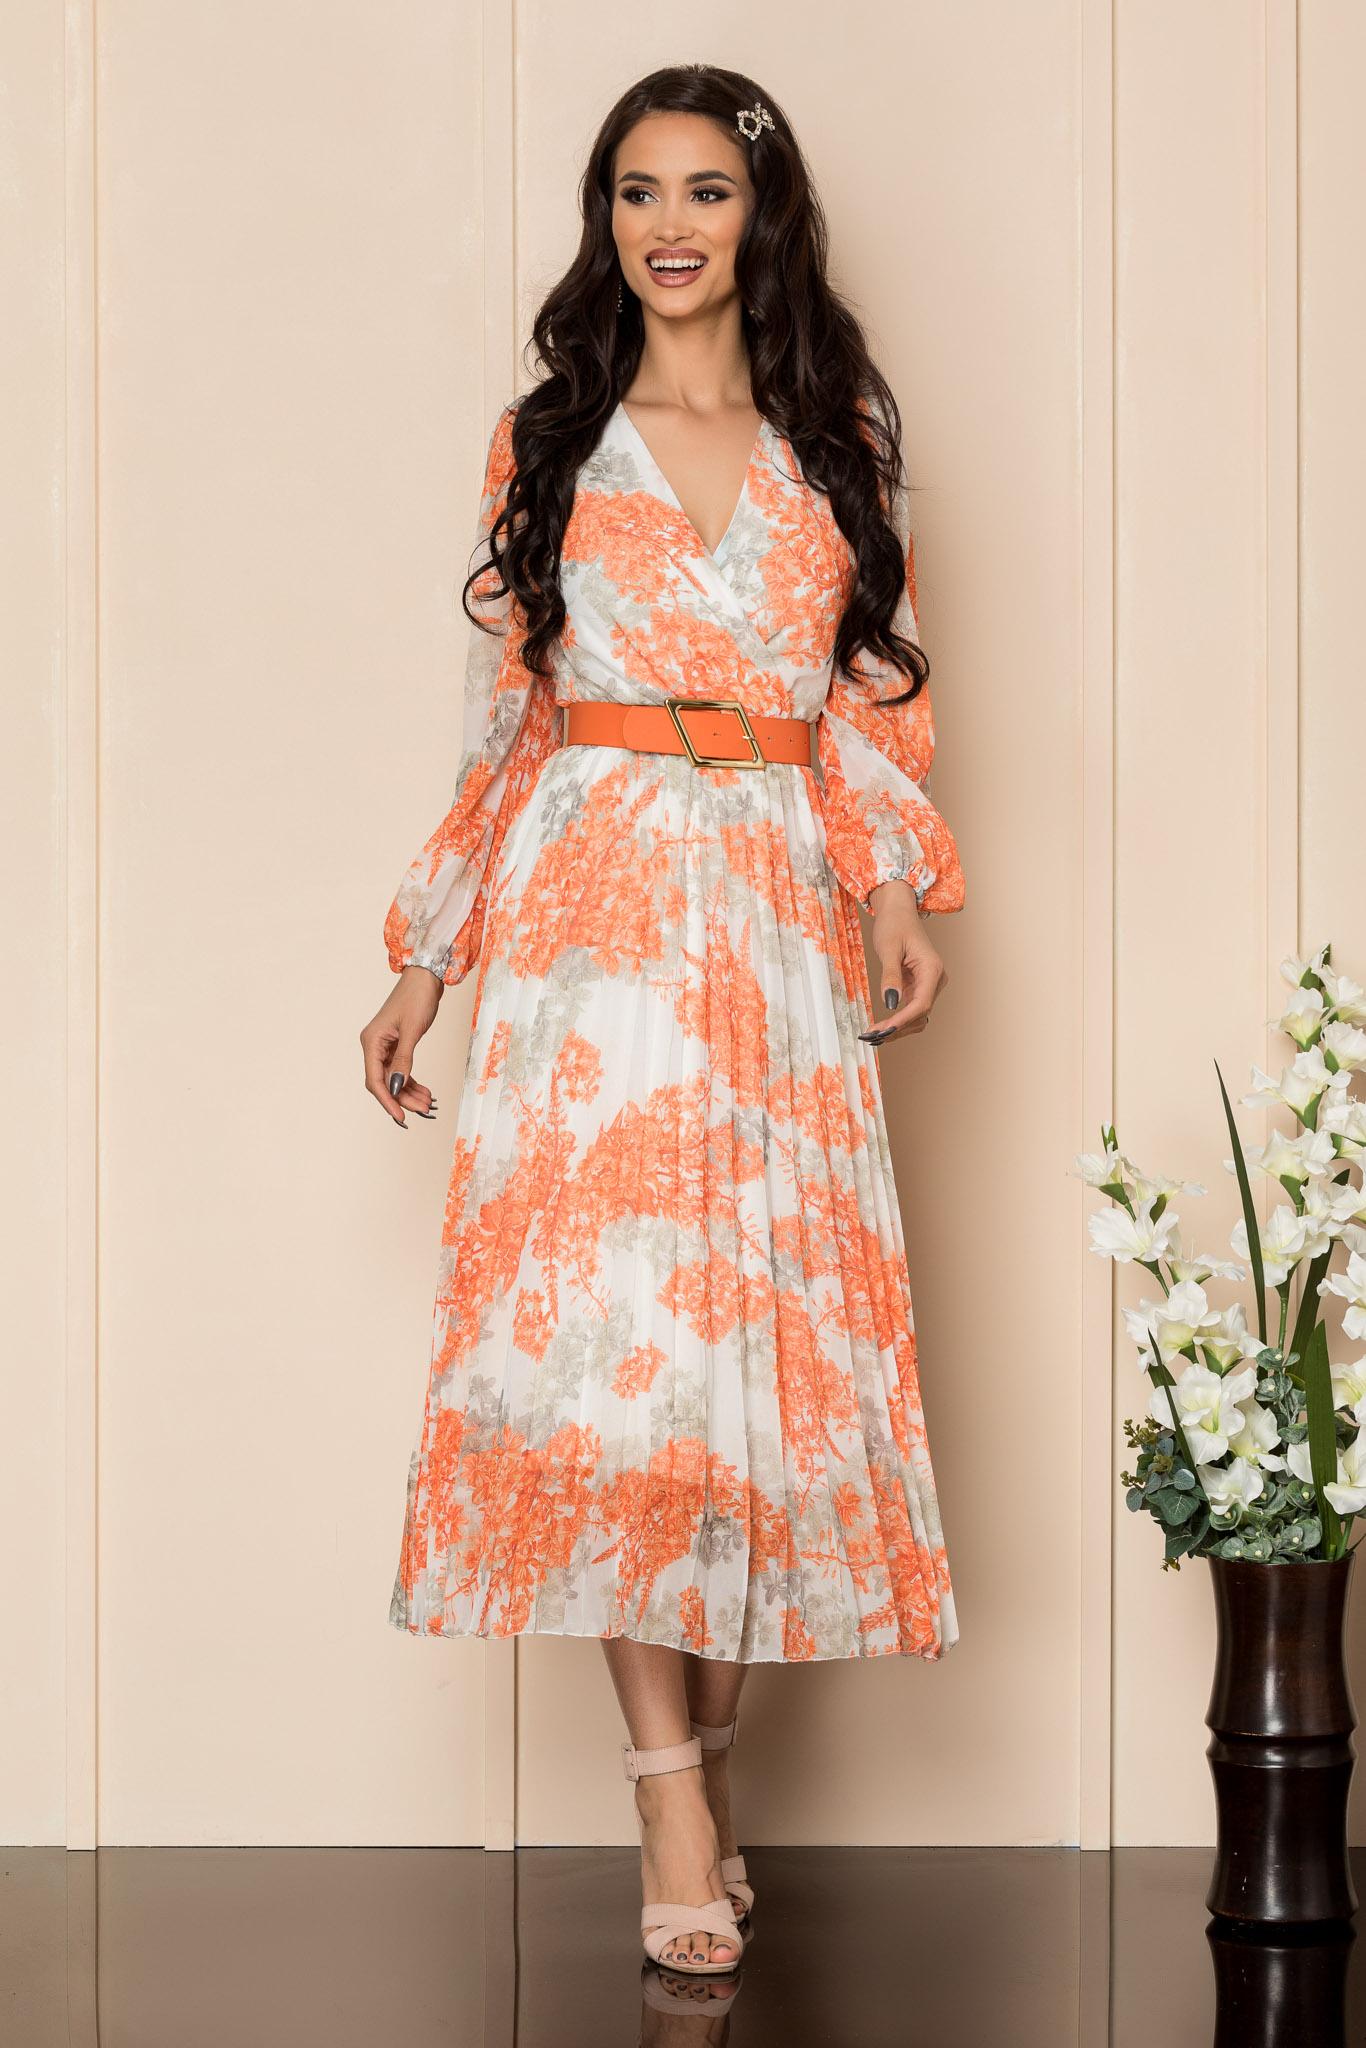 Rochie Ingrid Orange